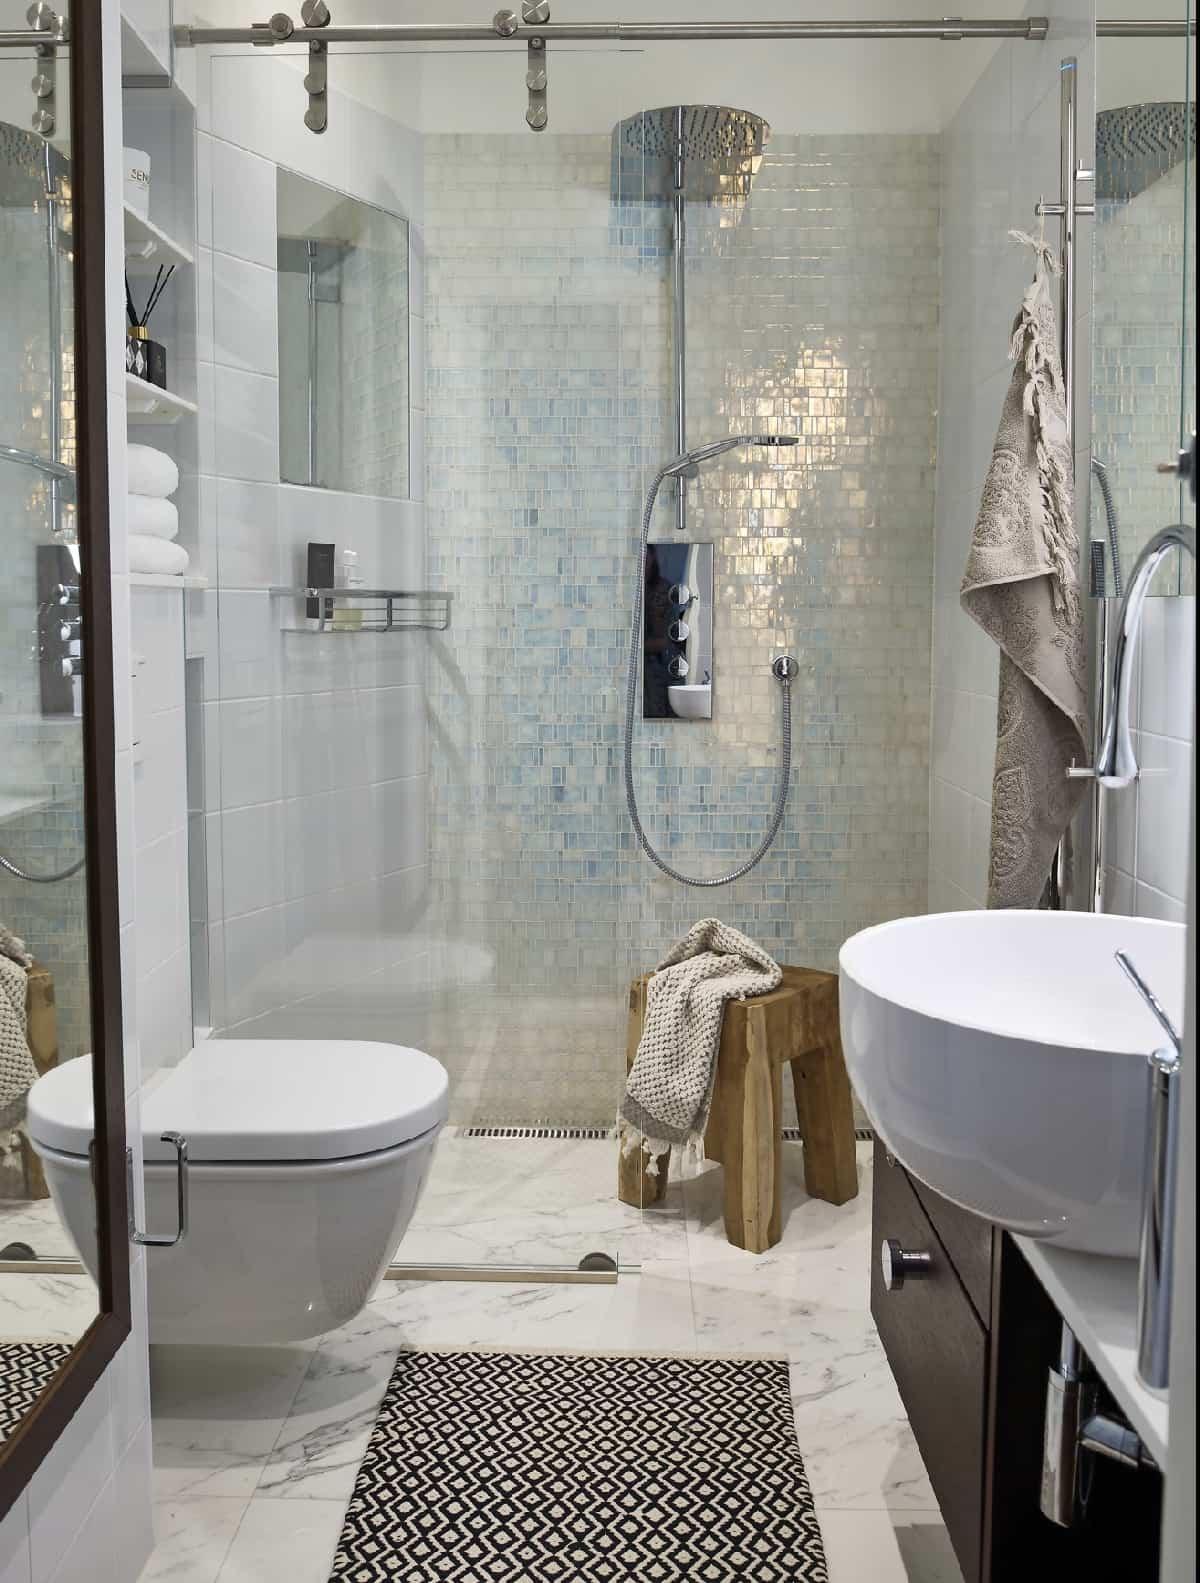 Cómo aprovechar el espacio al máximo en los baños pequeños